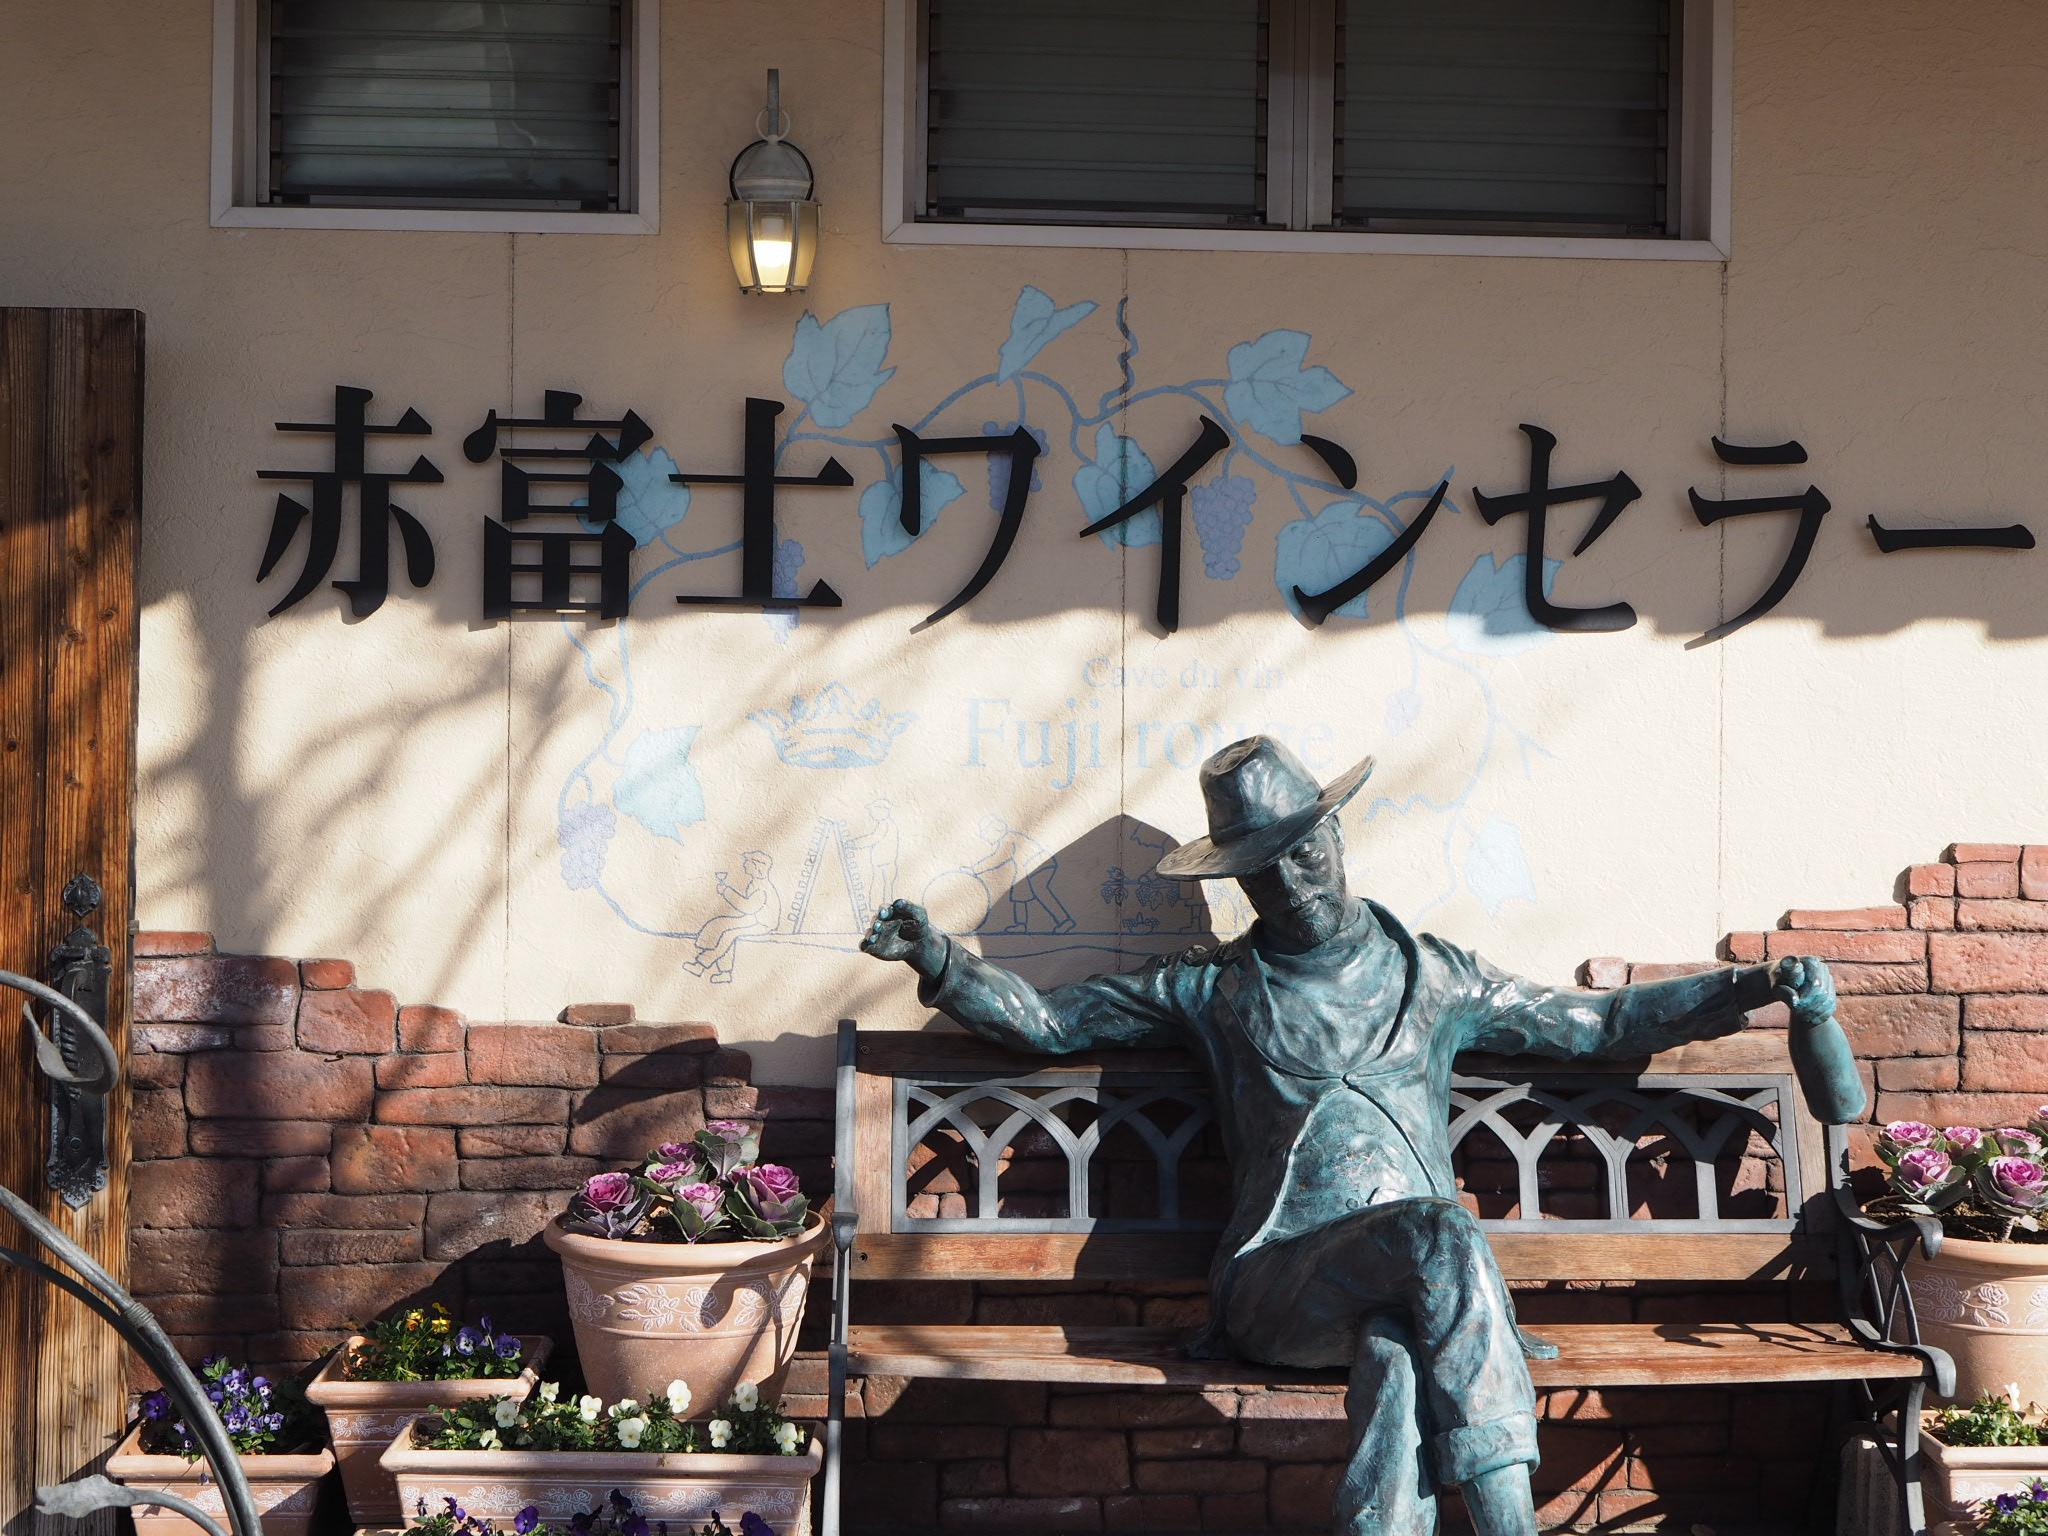 【#河口湖合宿】富士山の目の前のペンションでわいわい一泊旅♩〜グルメ・観光編〜_10